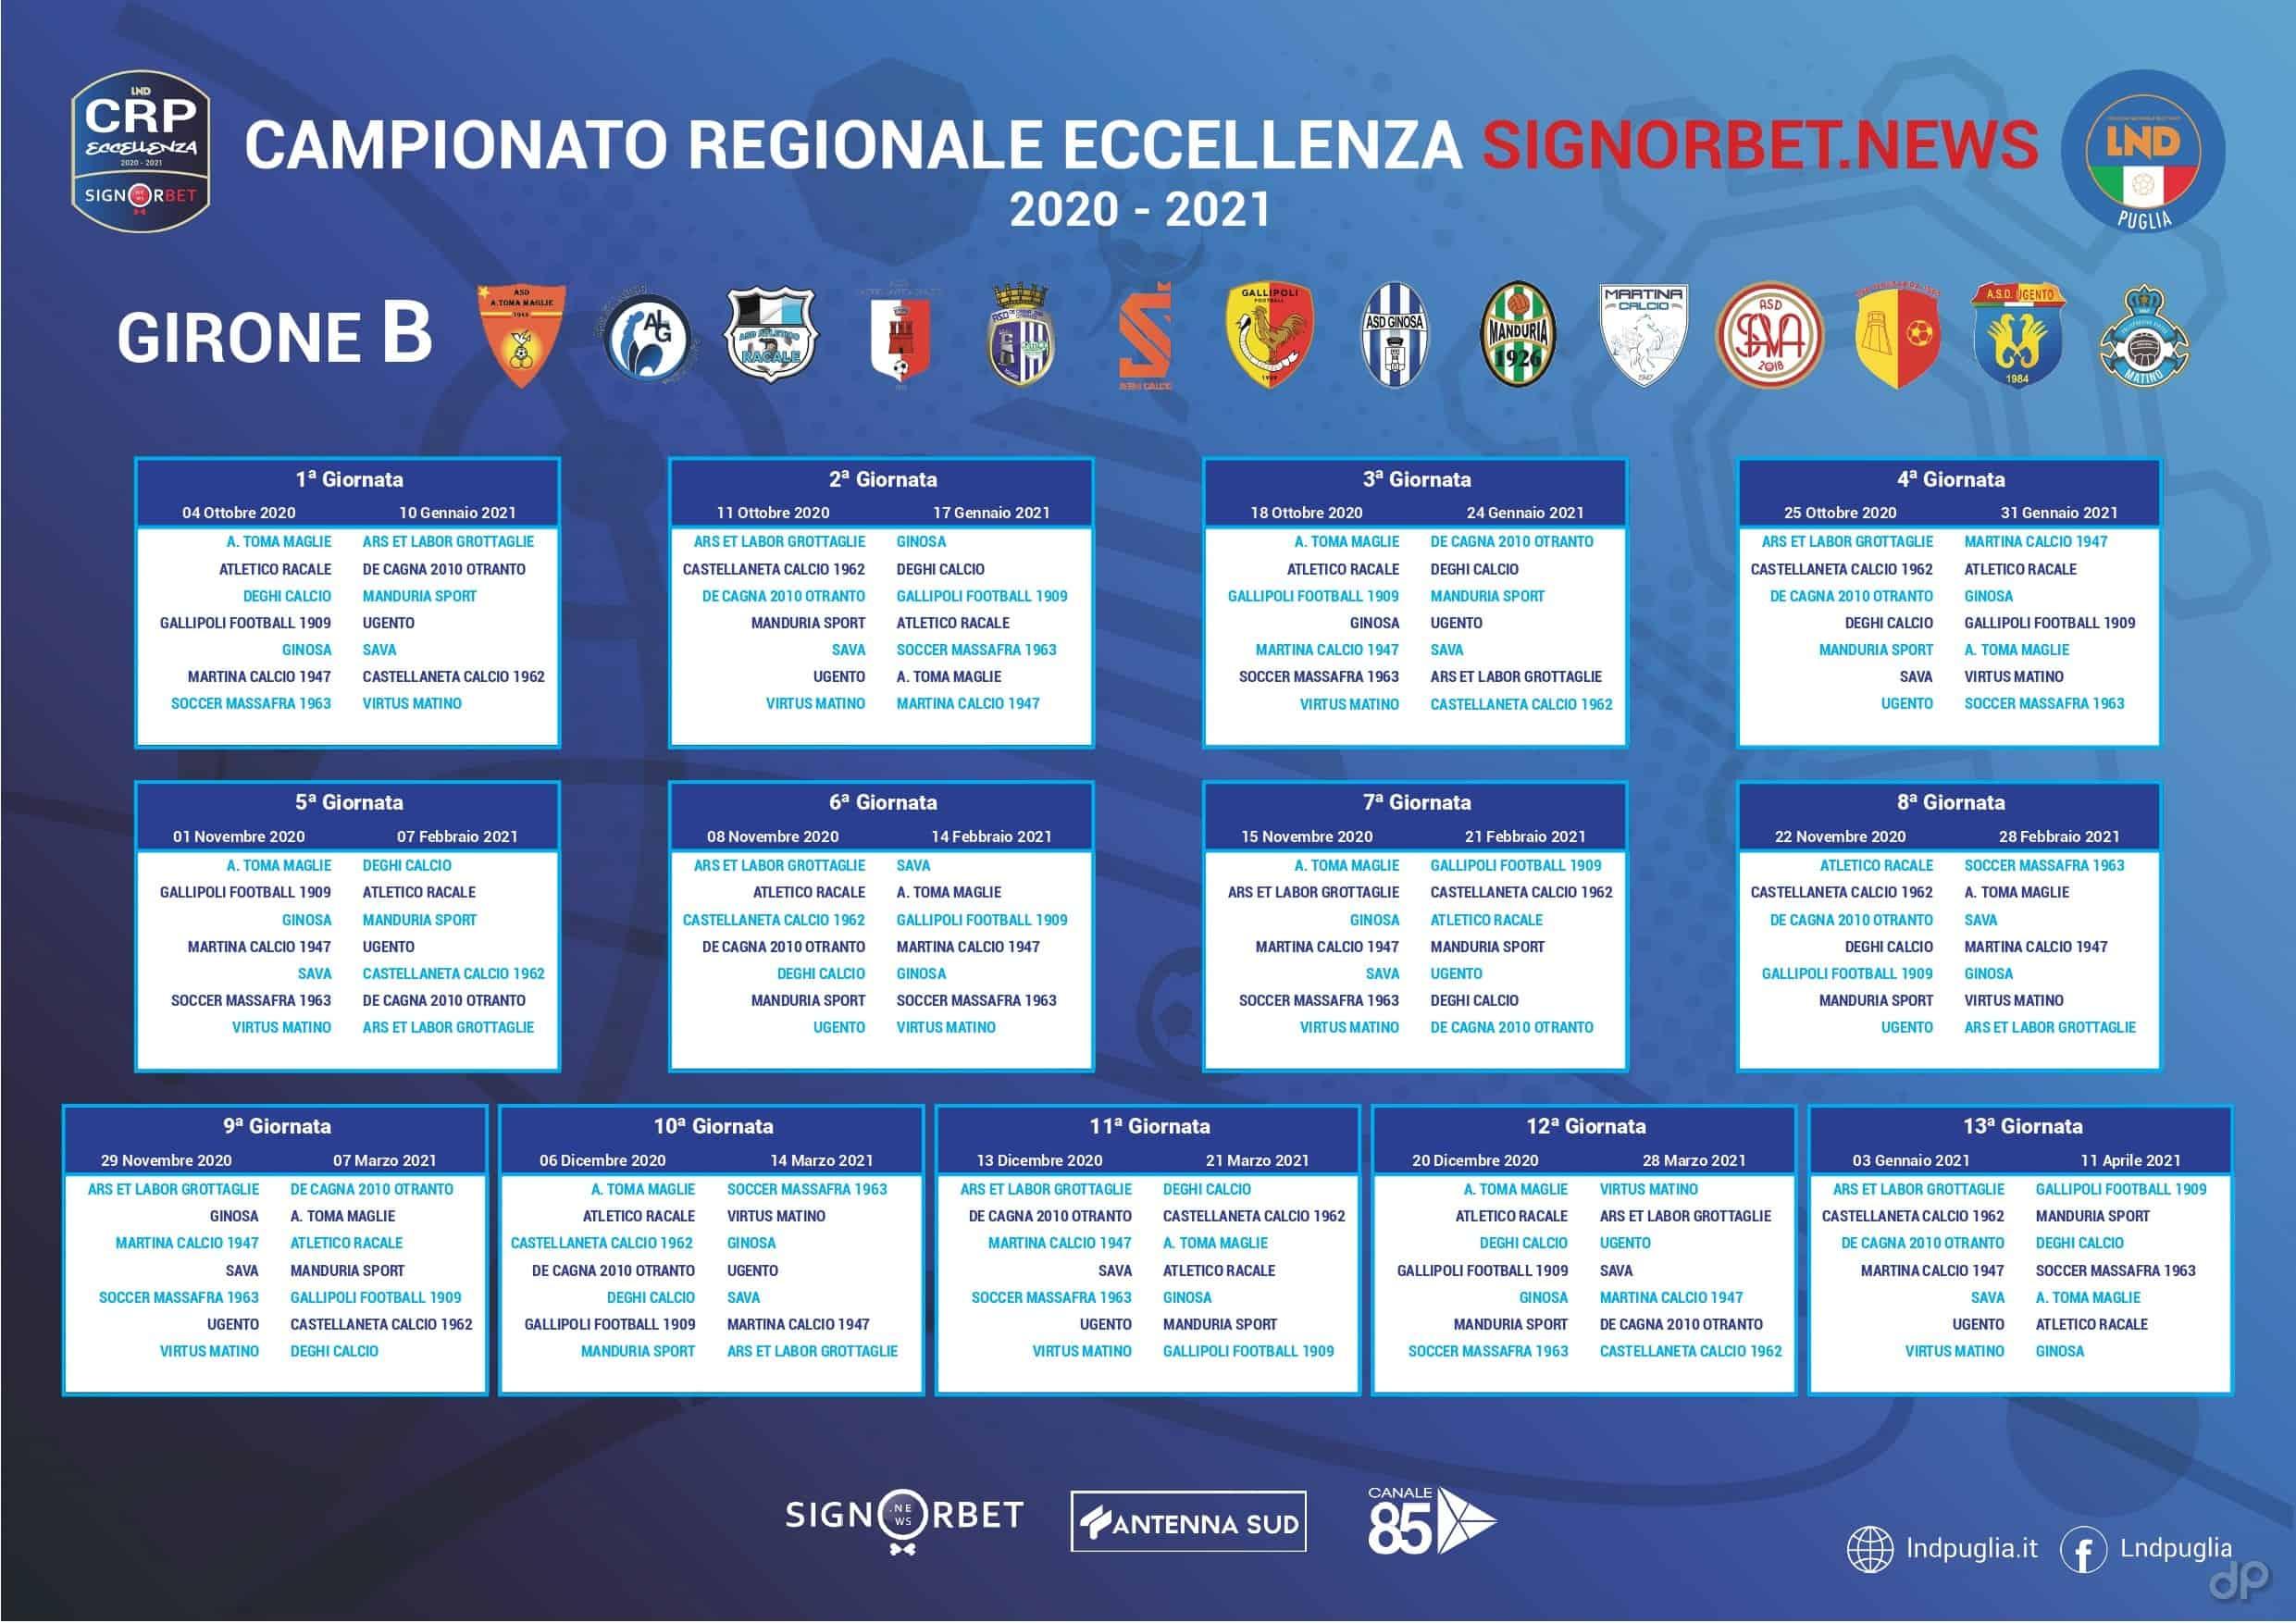 Calendario Eccellenza 2021 Eccellenza pugliese, il calendario completo del girone B 2020/21